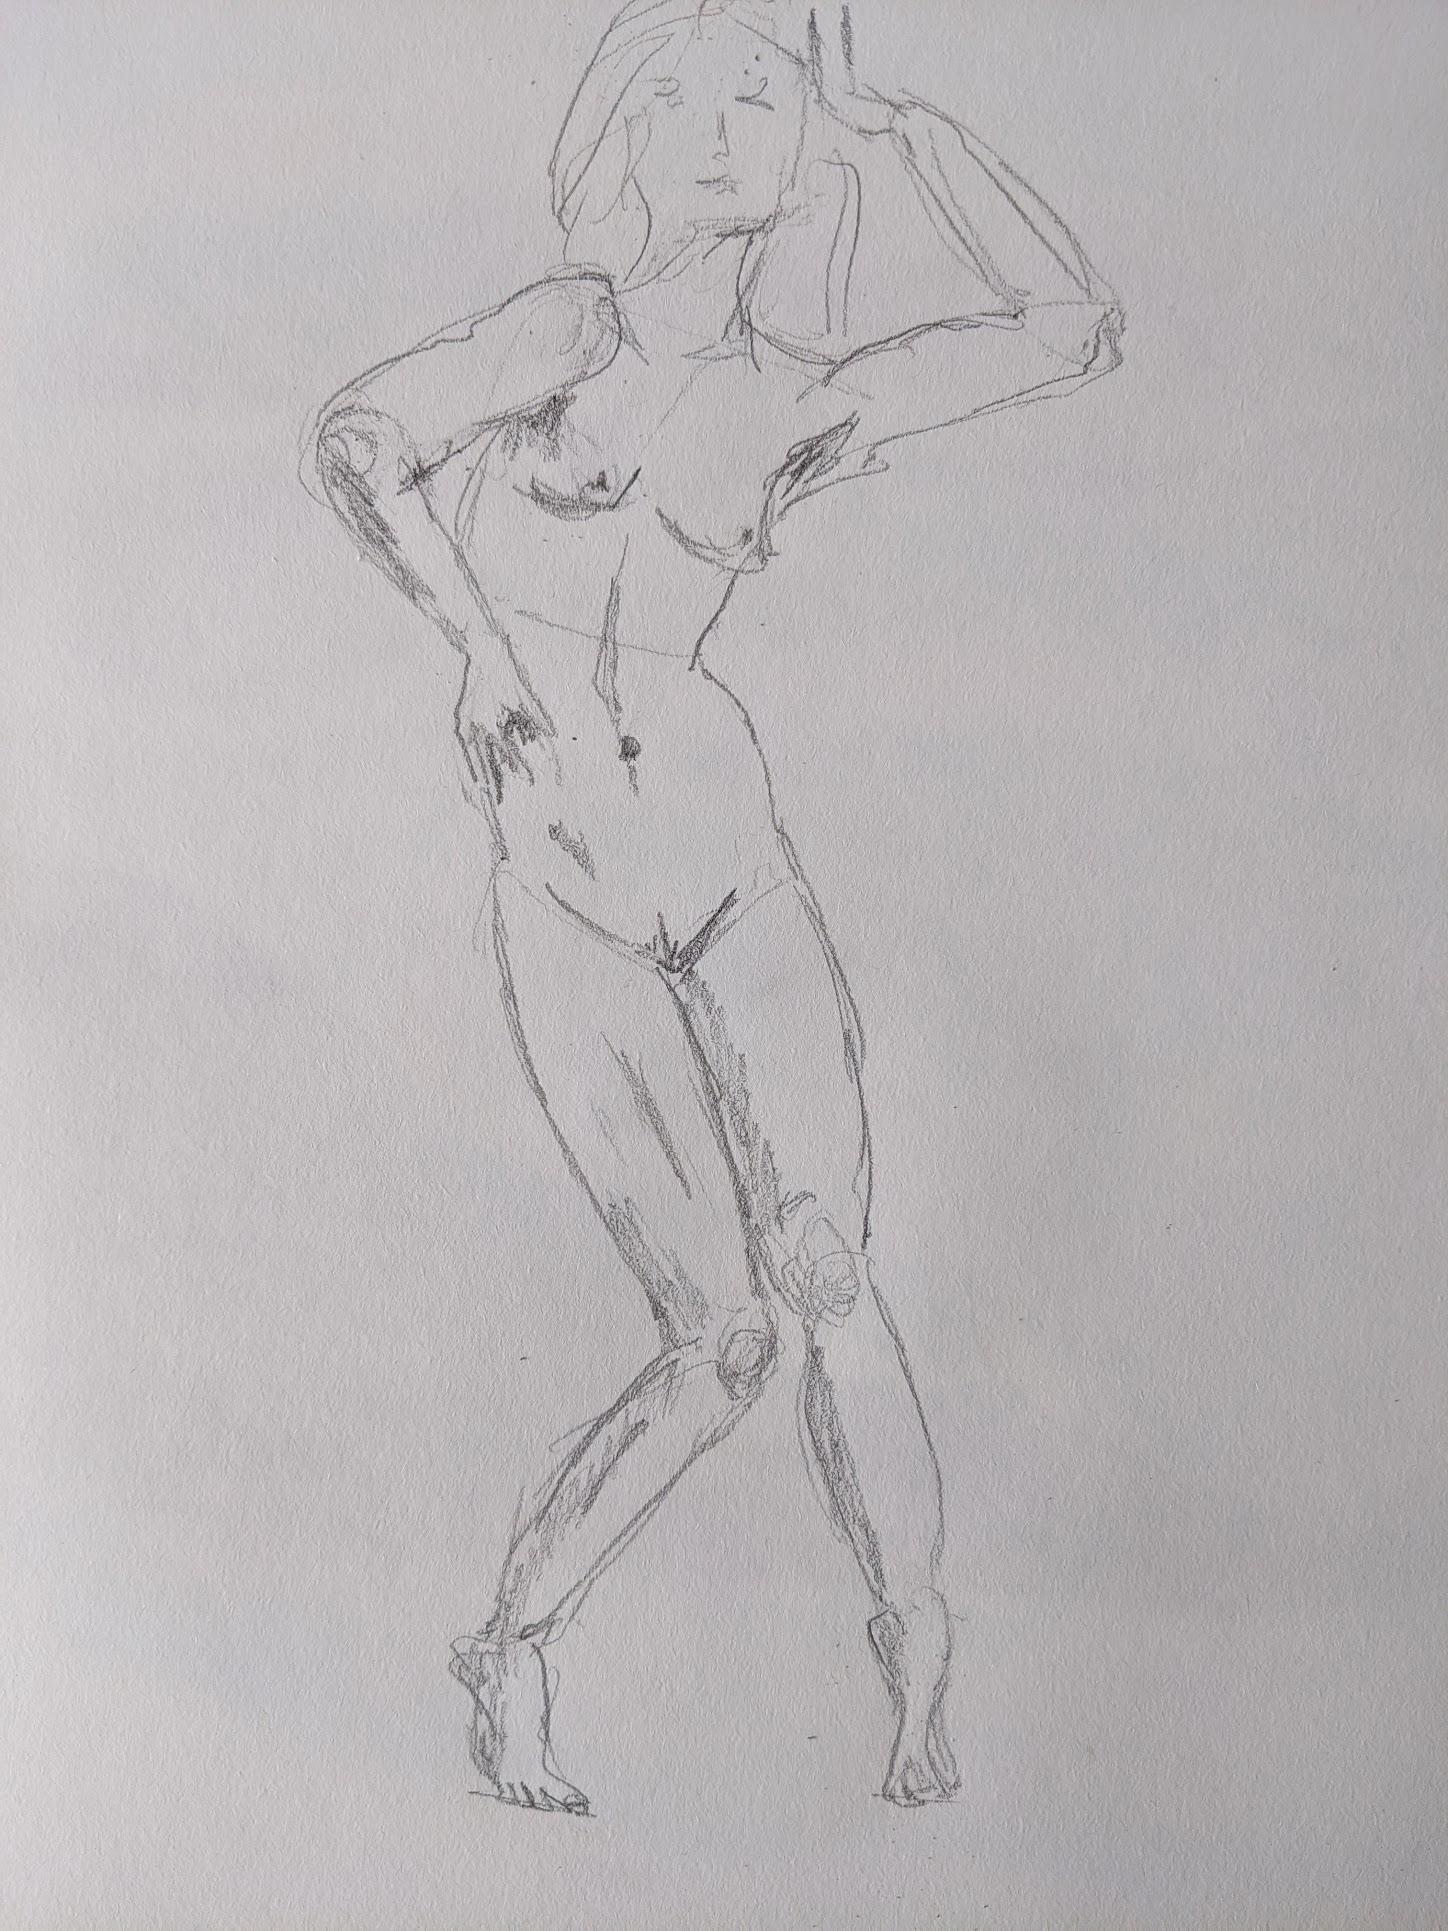 esquisse  femme en valeurs de gris d�hancher  cours de dessin